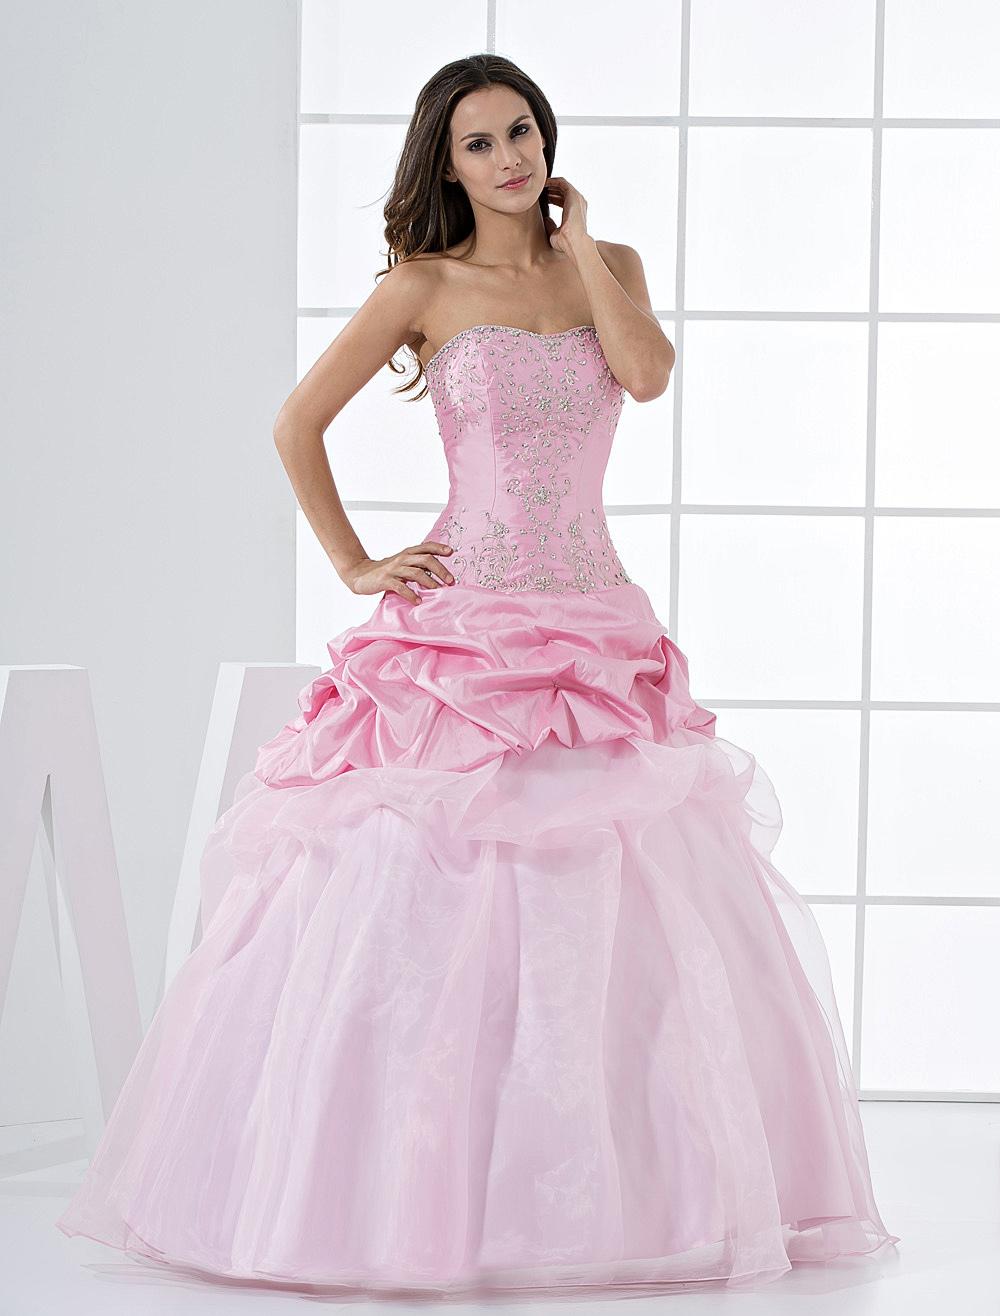 Pink Princess Strapless Beaded Ruffles Floor Length Taffeta Ball Gown